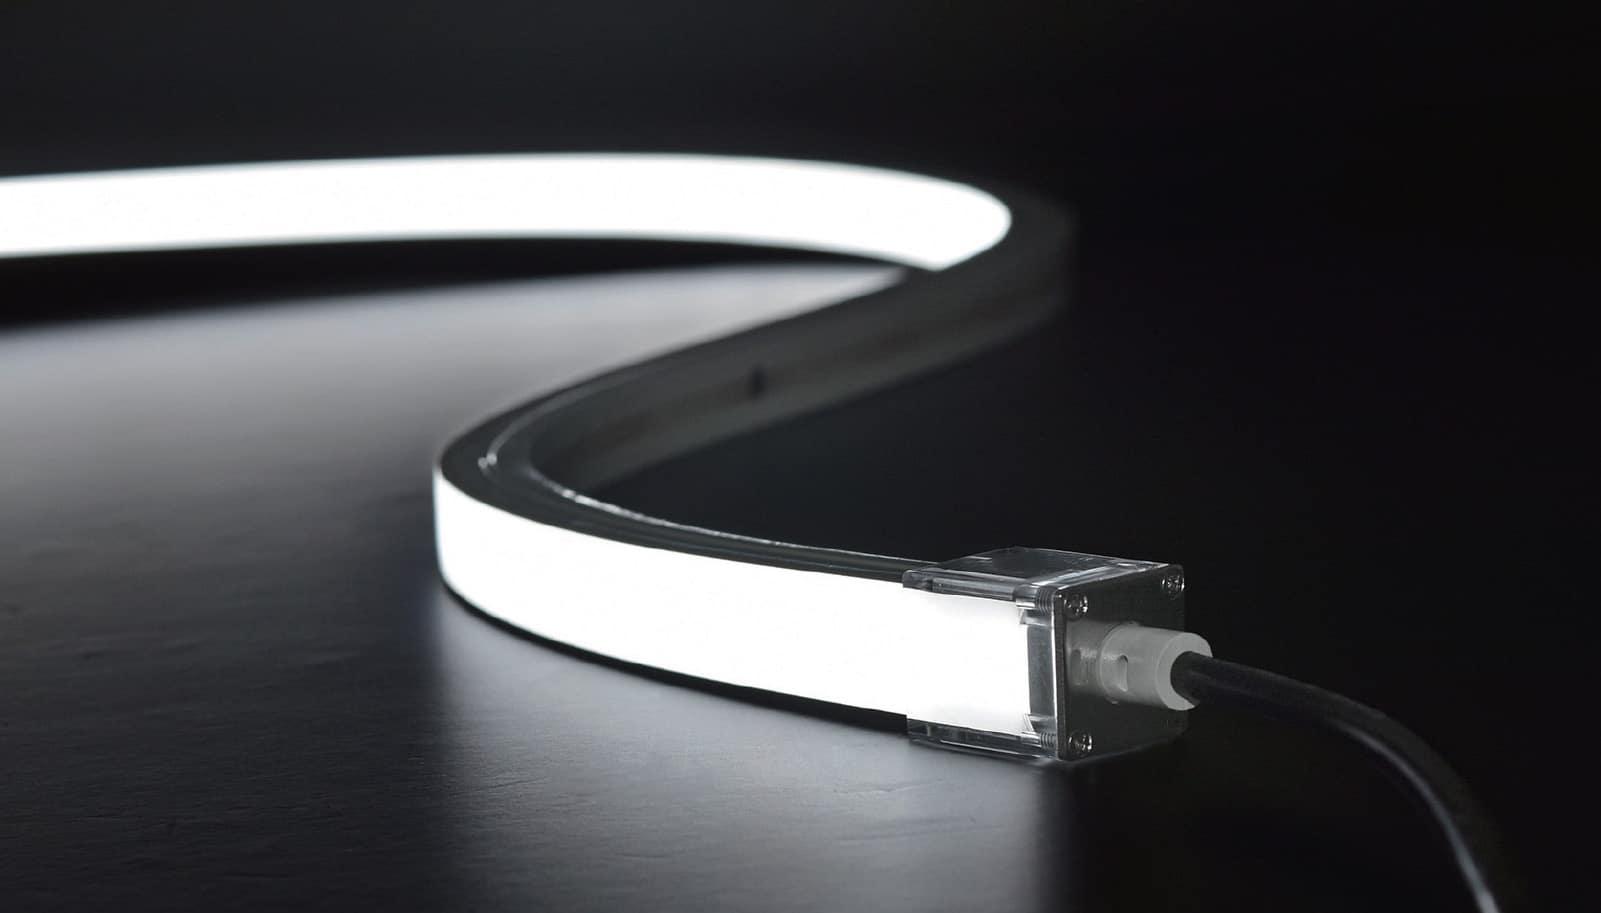 Neon Flex Pro / 10W  / IP67 / Side View